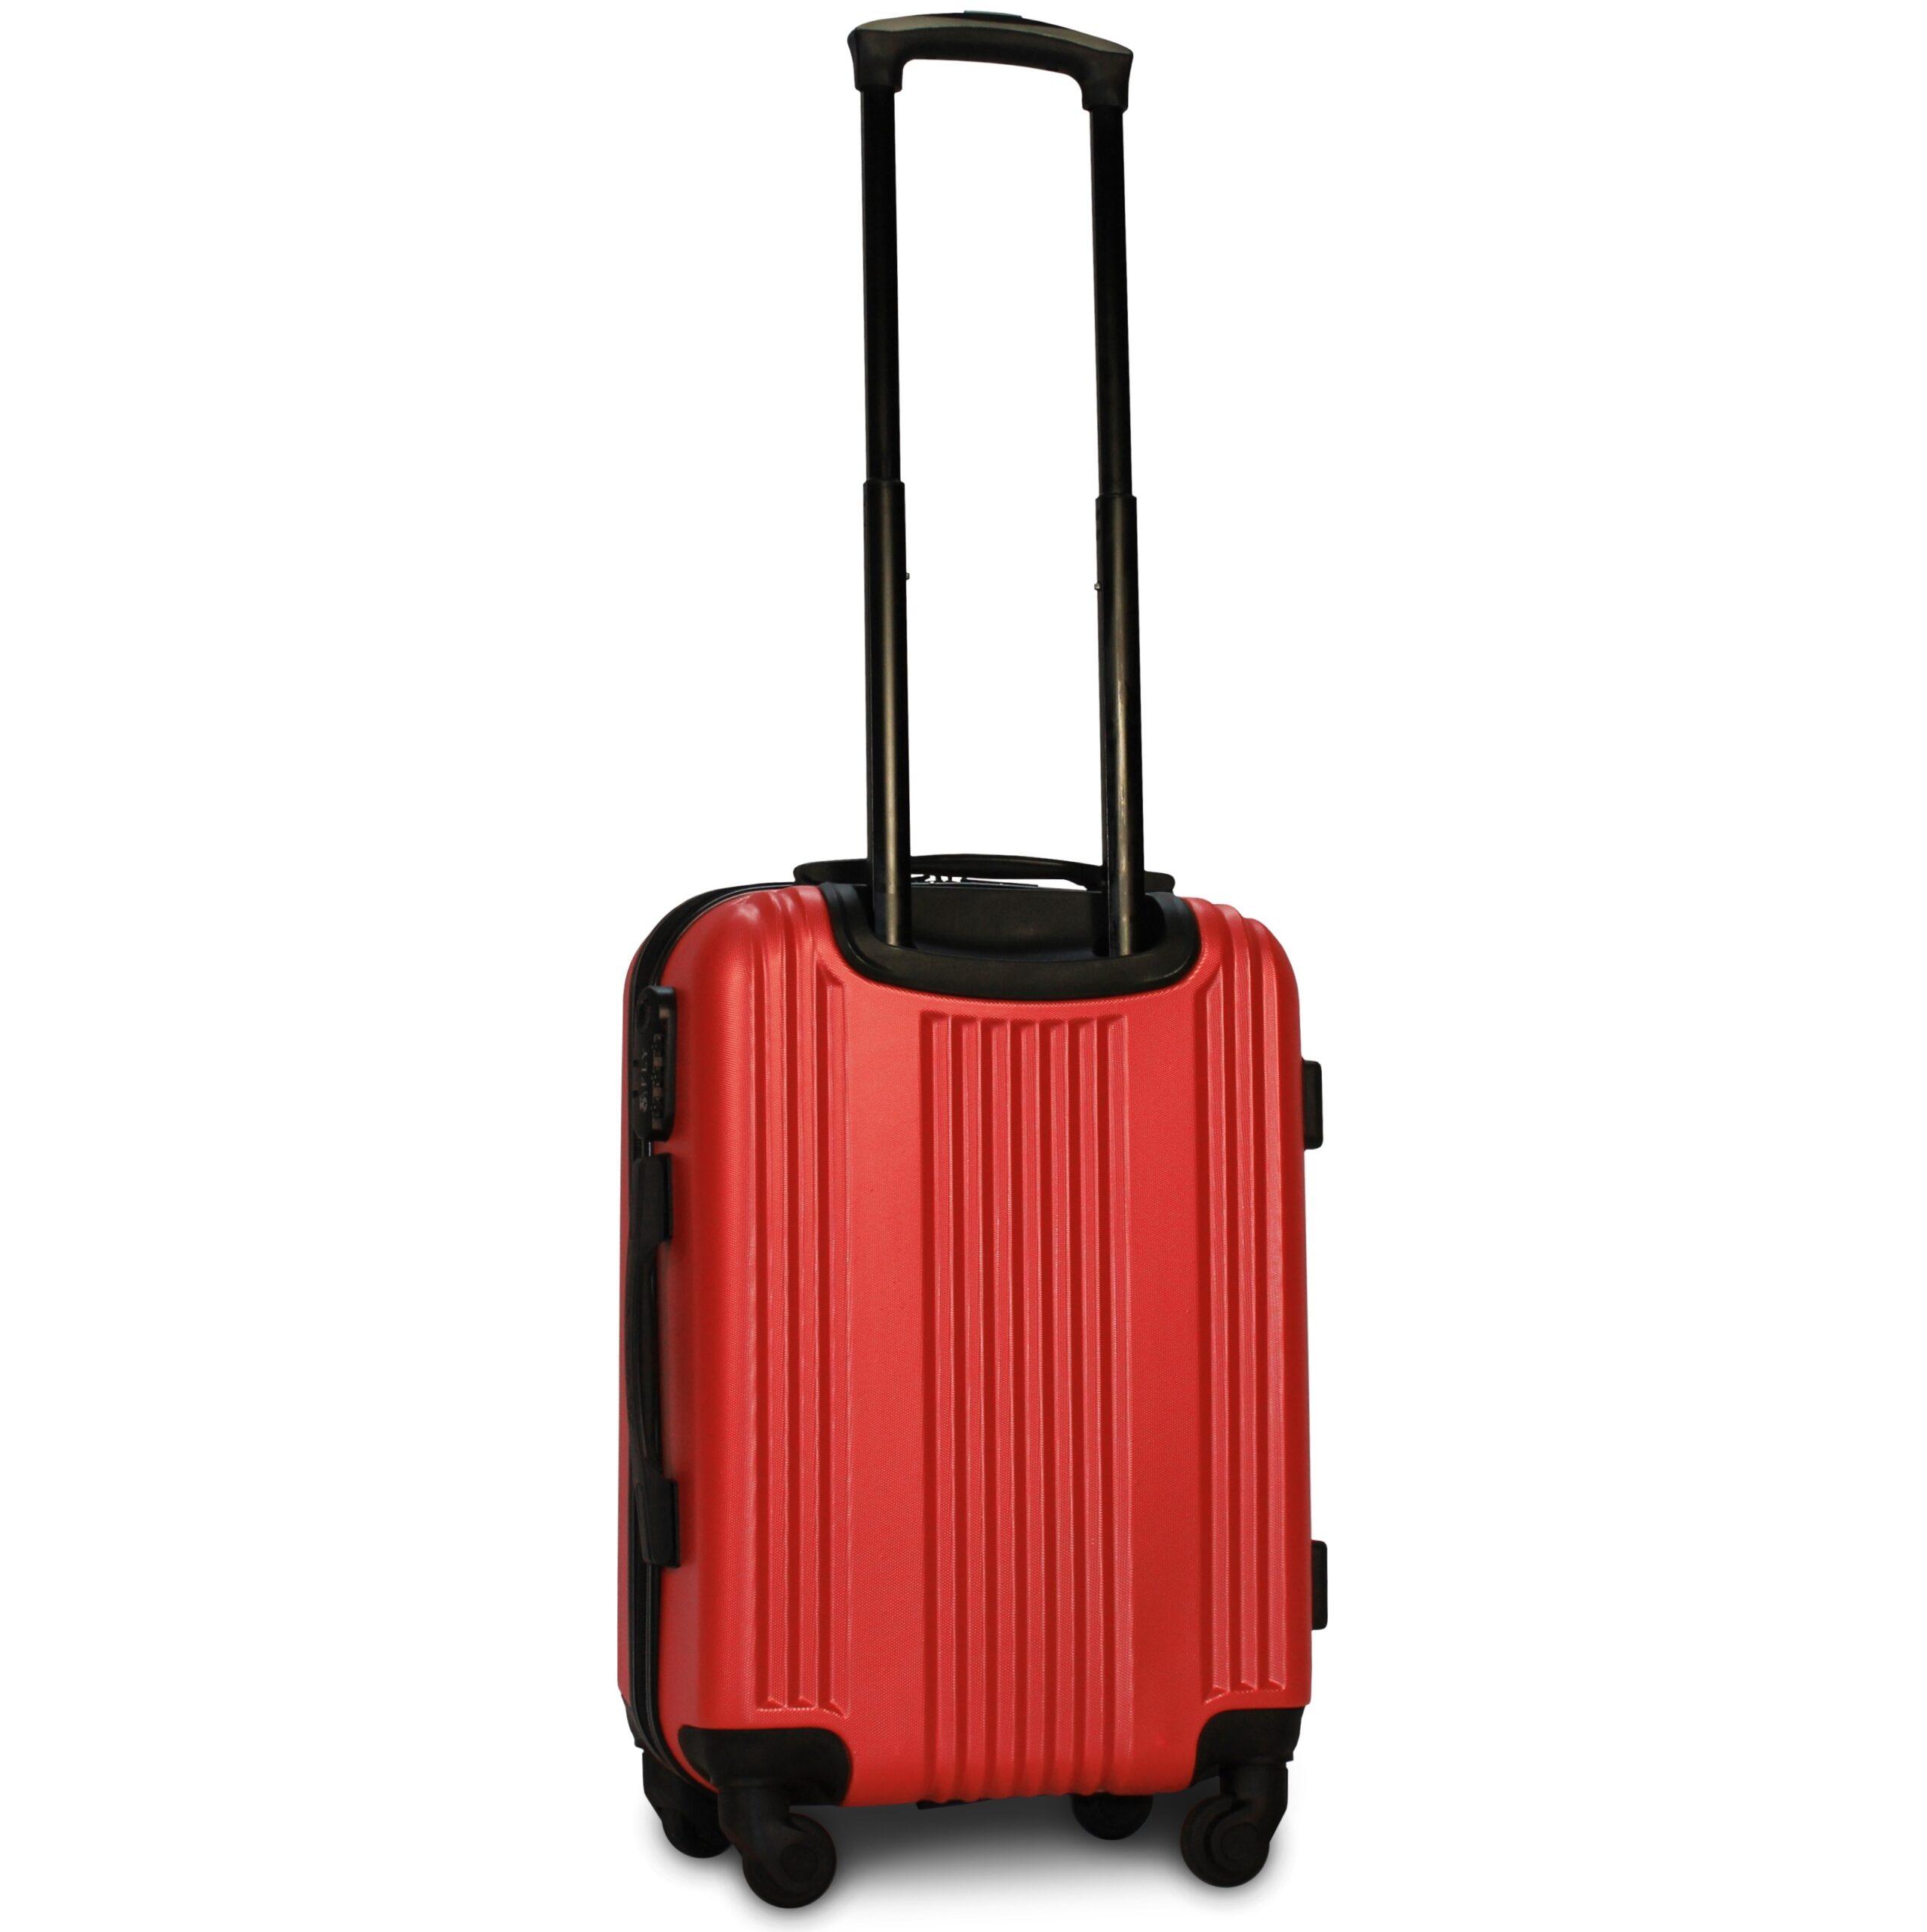 Маленький чемодан (S) Fly 614 | пластиковый | красный | 55x40x20 см | 35 л | 2,6 кг